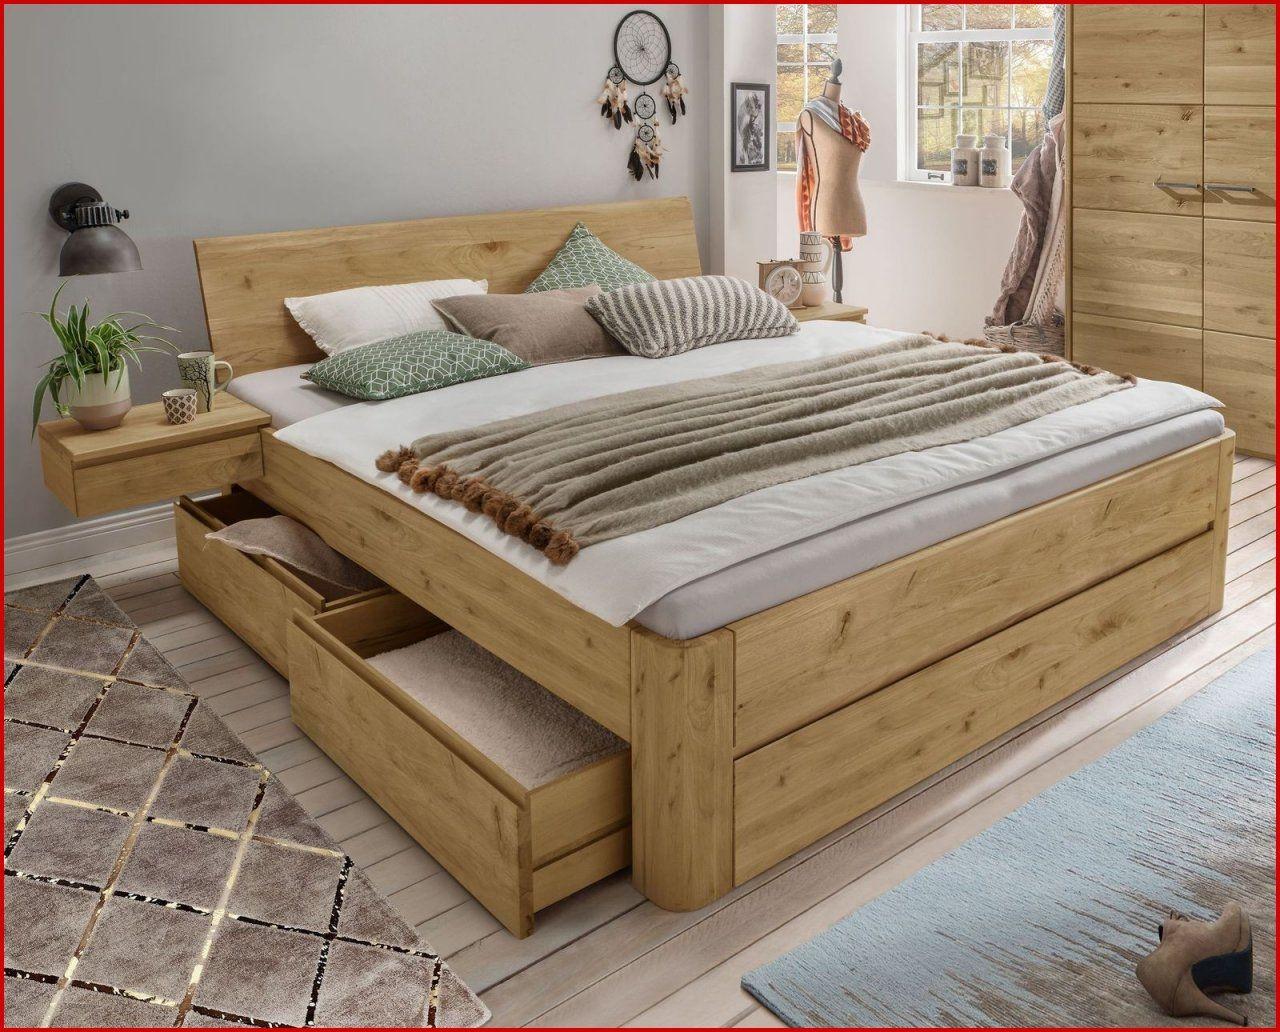 Elegant Welches Holz Für Bett Nur Weil Obwohl Sie Nicht Wissen, Jedes Ding über  Hause Umbau